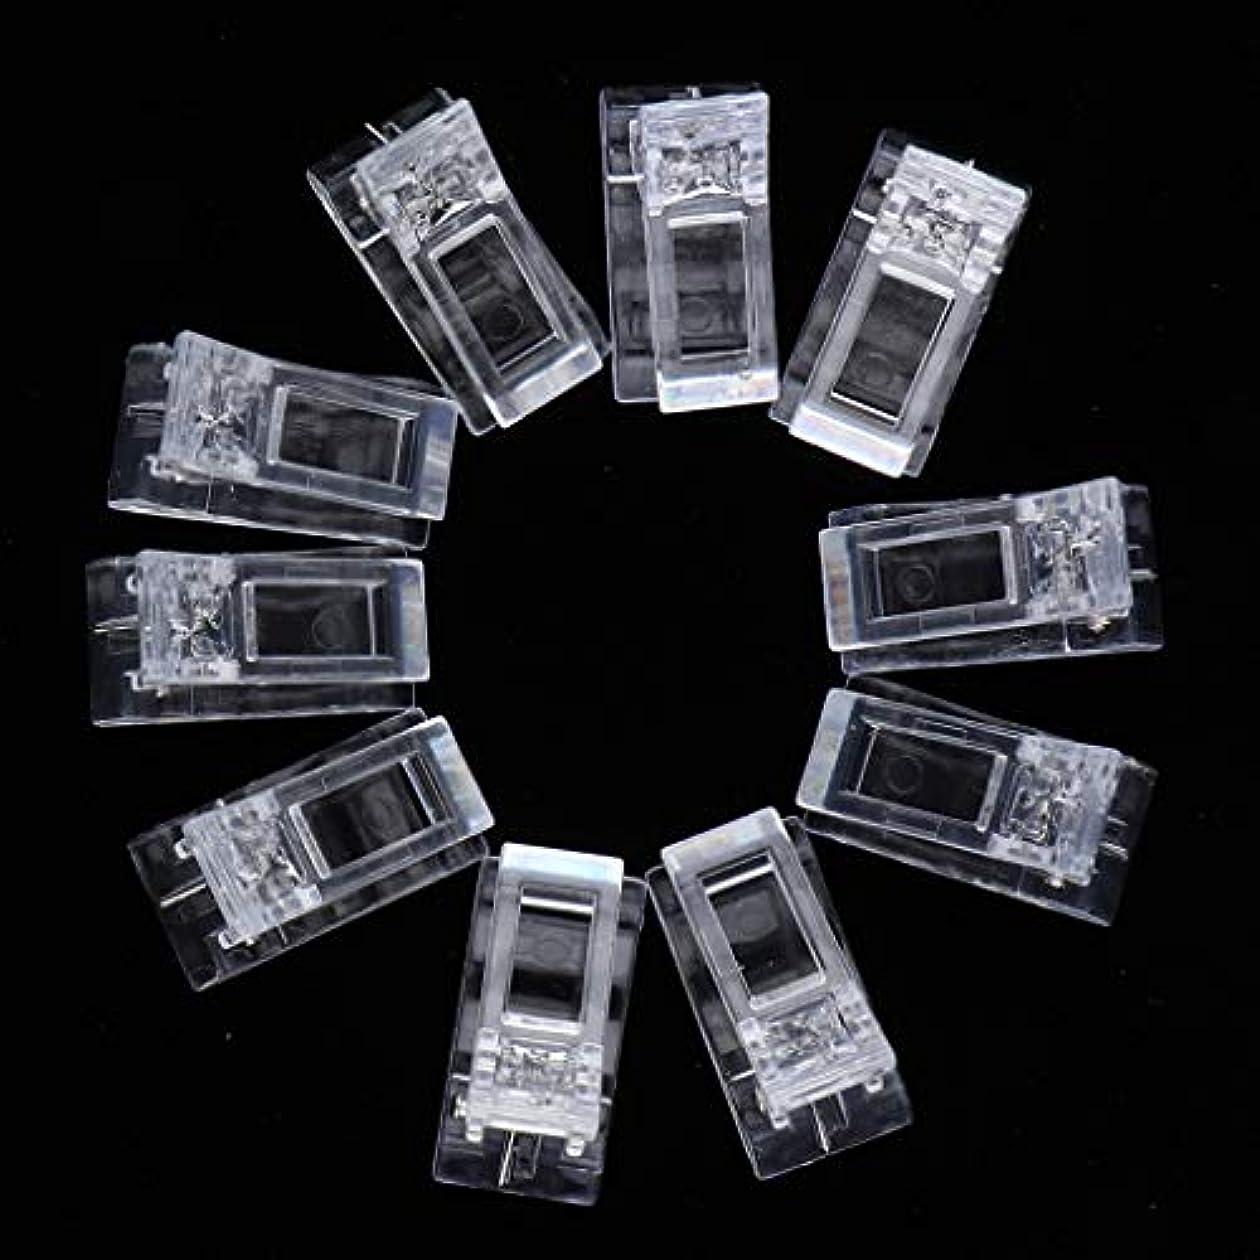 犠牲ぴかぴかフェードアウトクリア ネイルクリップ ネイル固定クリップ ネイルチップ ネイルアート UVゲルビルダツール 10個